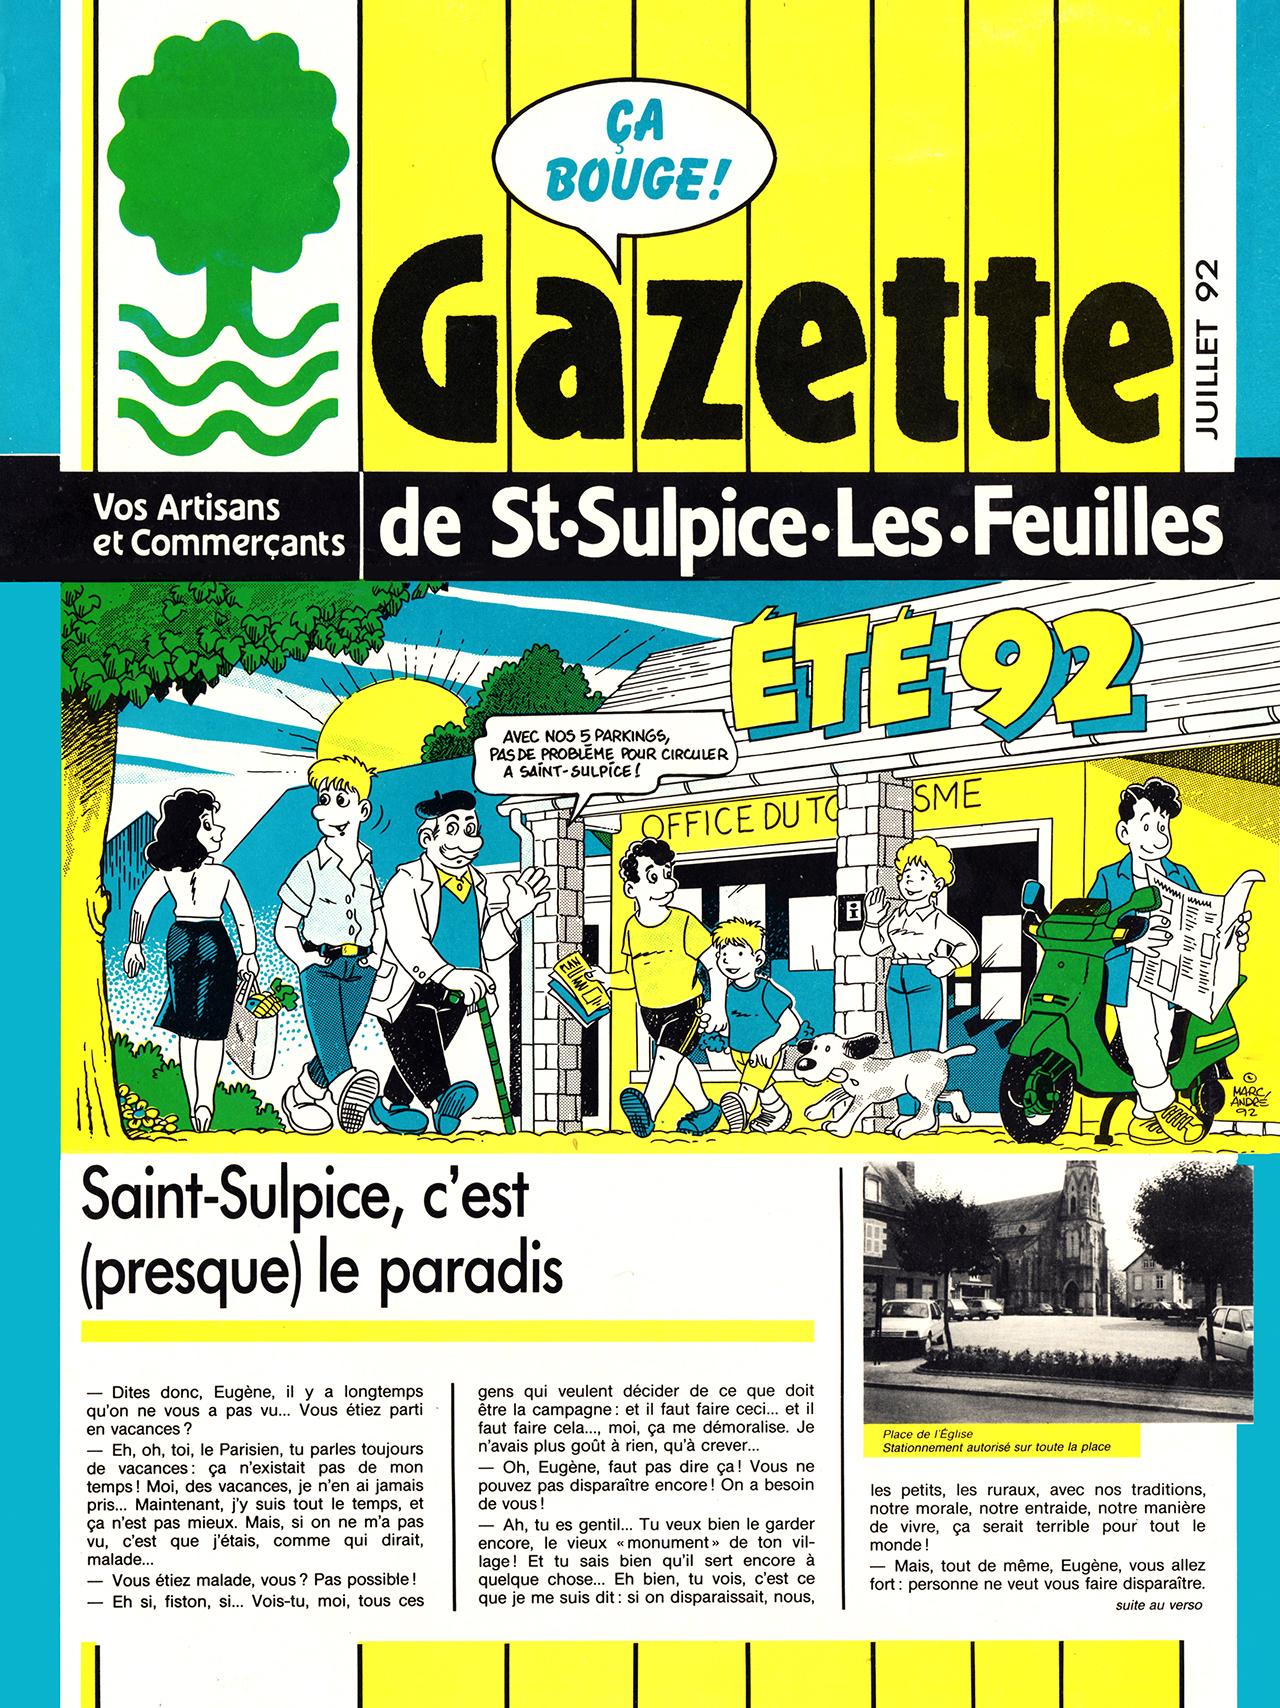 Gazette de Saint-Sulpice-Les-Feuilles-1989-95 numéro 6 été 1992 page 1